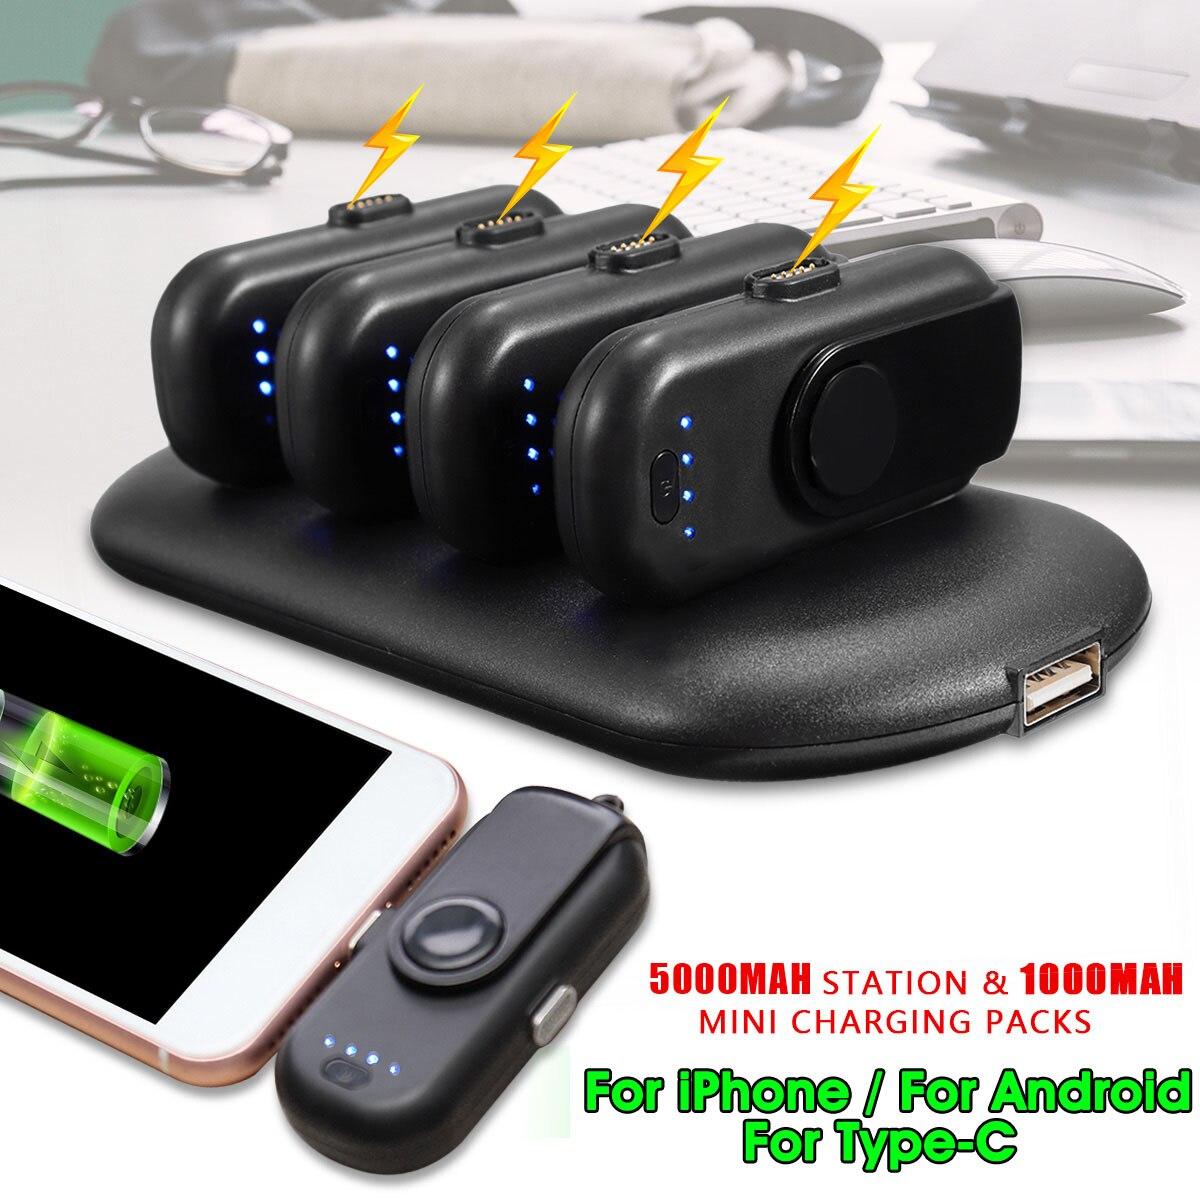 LEORY 4 en 1 Mini Portable batterie externe doigt magnétique Pow chargeur pour iPhone Lightning/Android/type-c chargeur de téléphone Portable